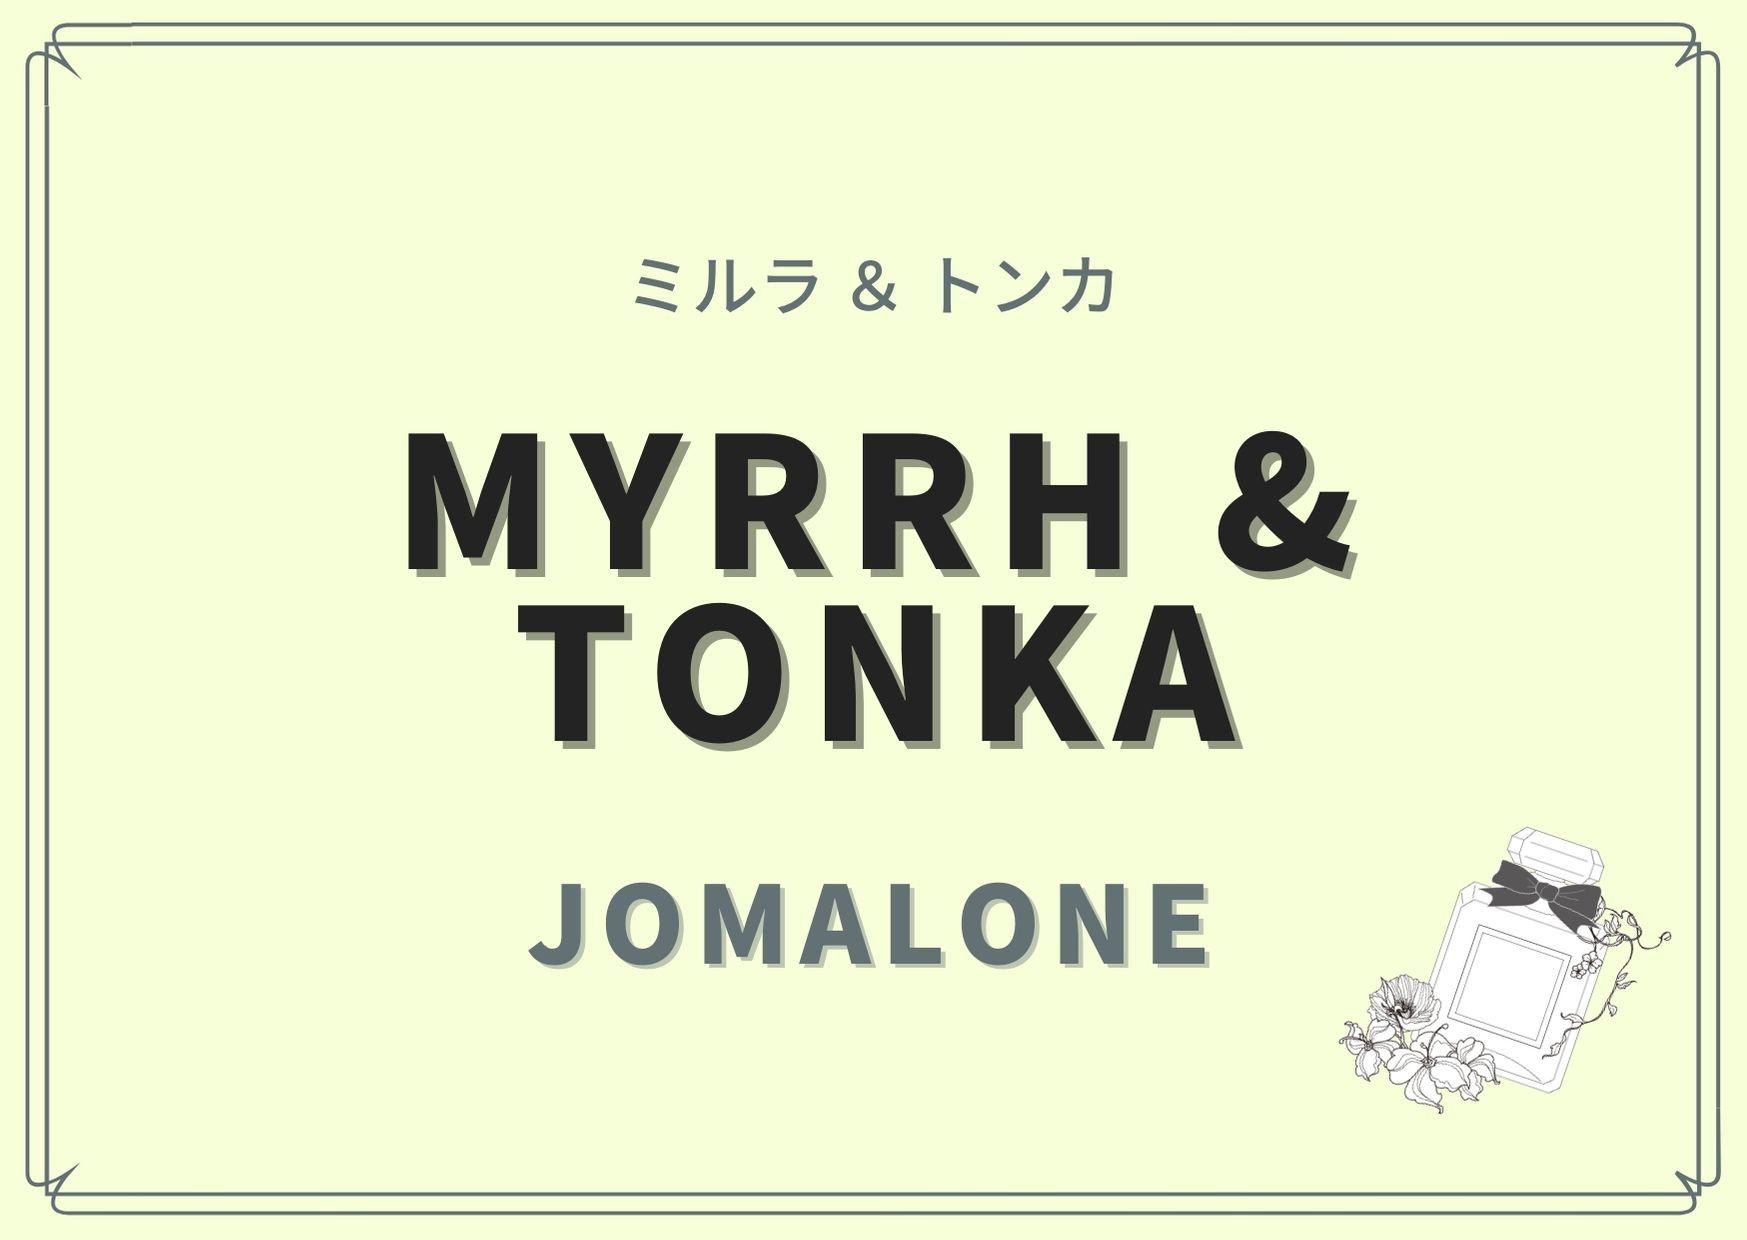 Myrrh & Tonka(ミルラ & トンカ)/JoMalone(ジョーマローン)